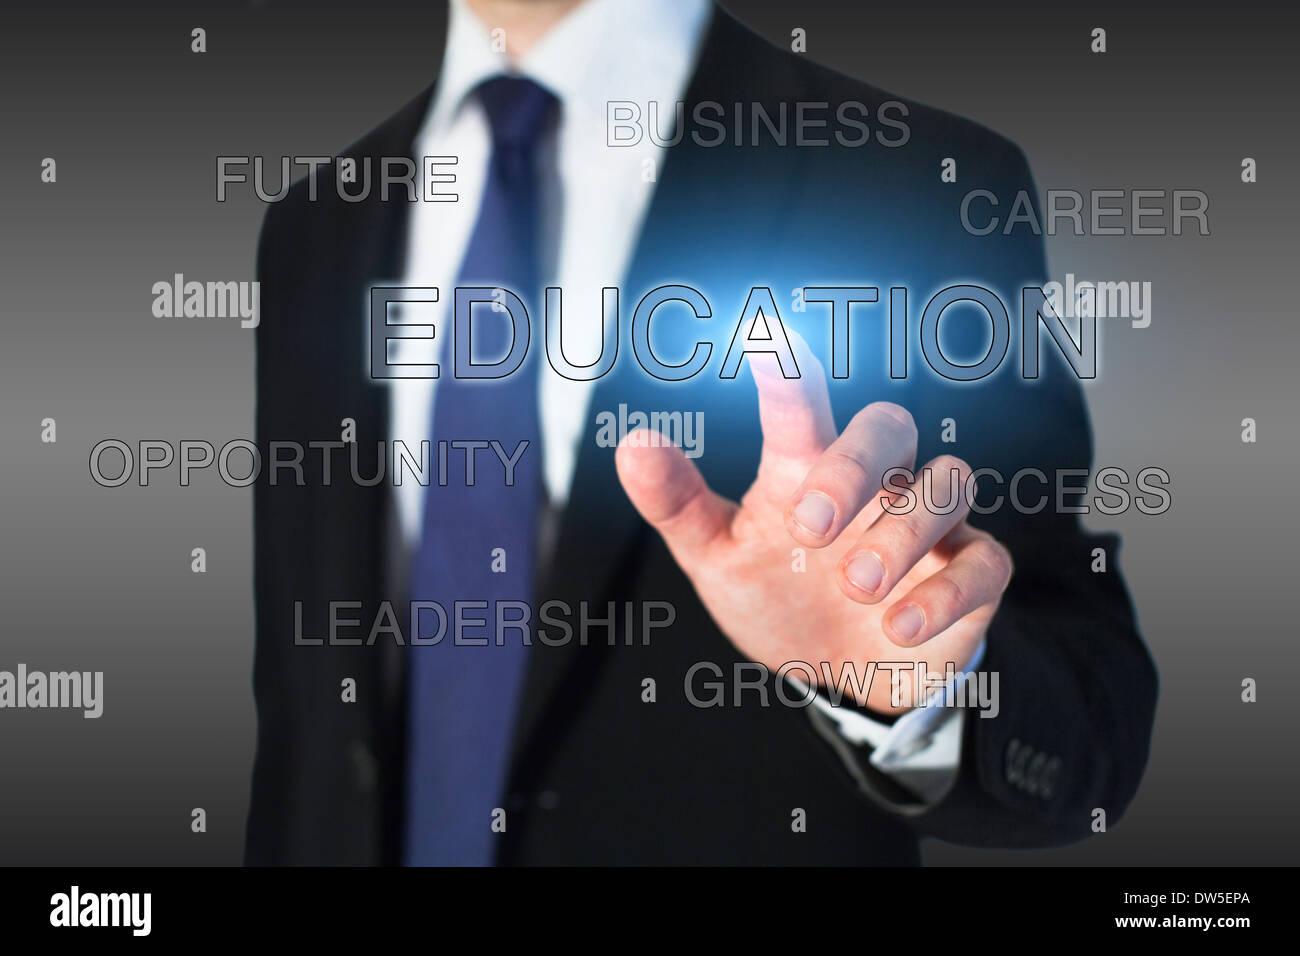 Business il concetto di istruzione e crescita professionale Immagini Stock